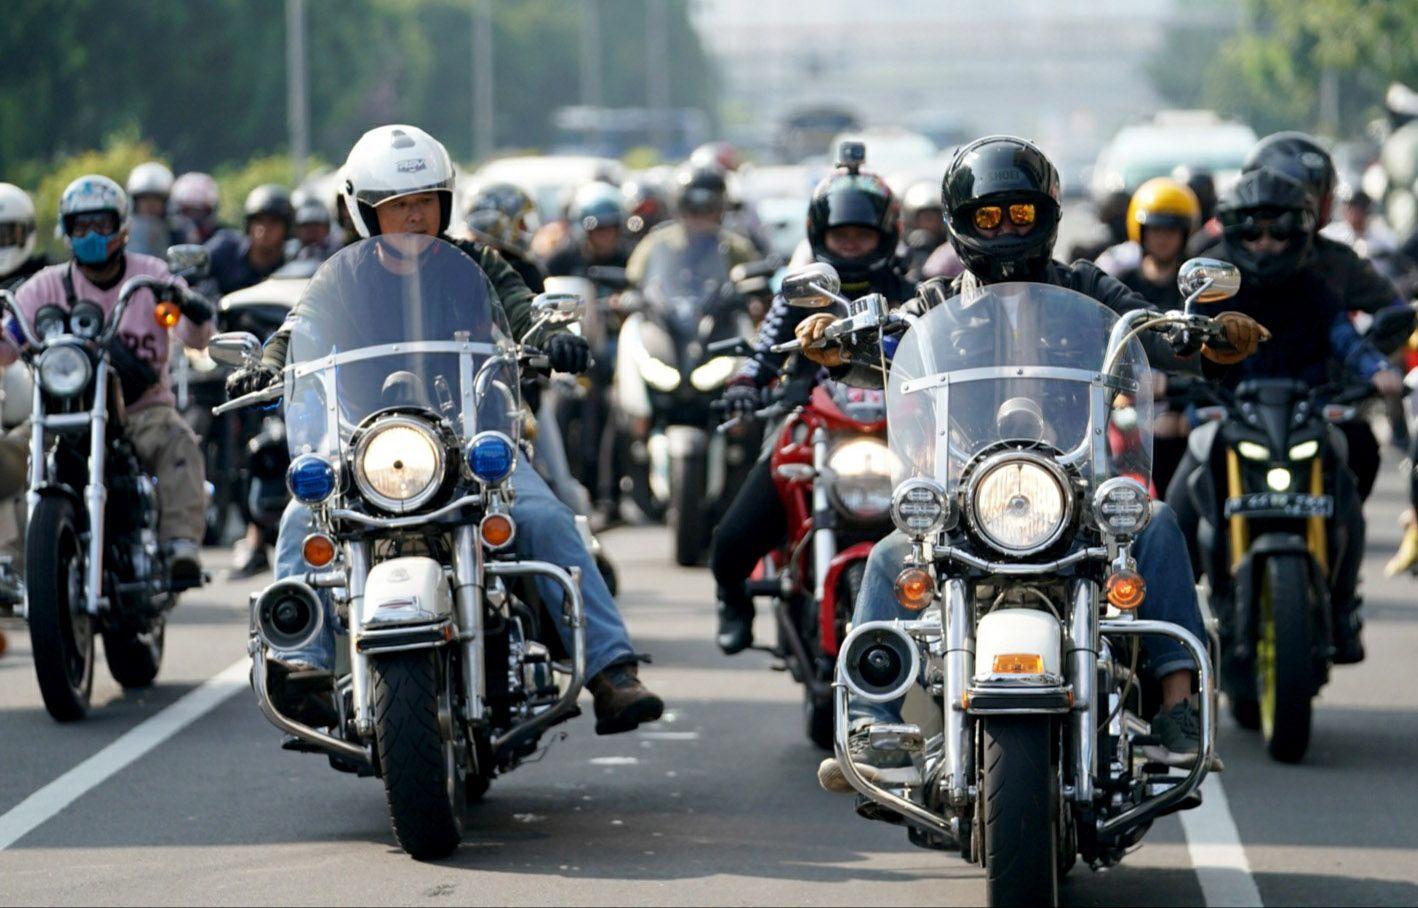 Michelin Indonesia bersama ratusan pengendara motor besar mengadakan kegiatan Sunmori. Dalam kegiatan itu juga turut disosialisasikan keselamatan berkendara